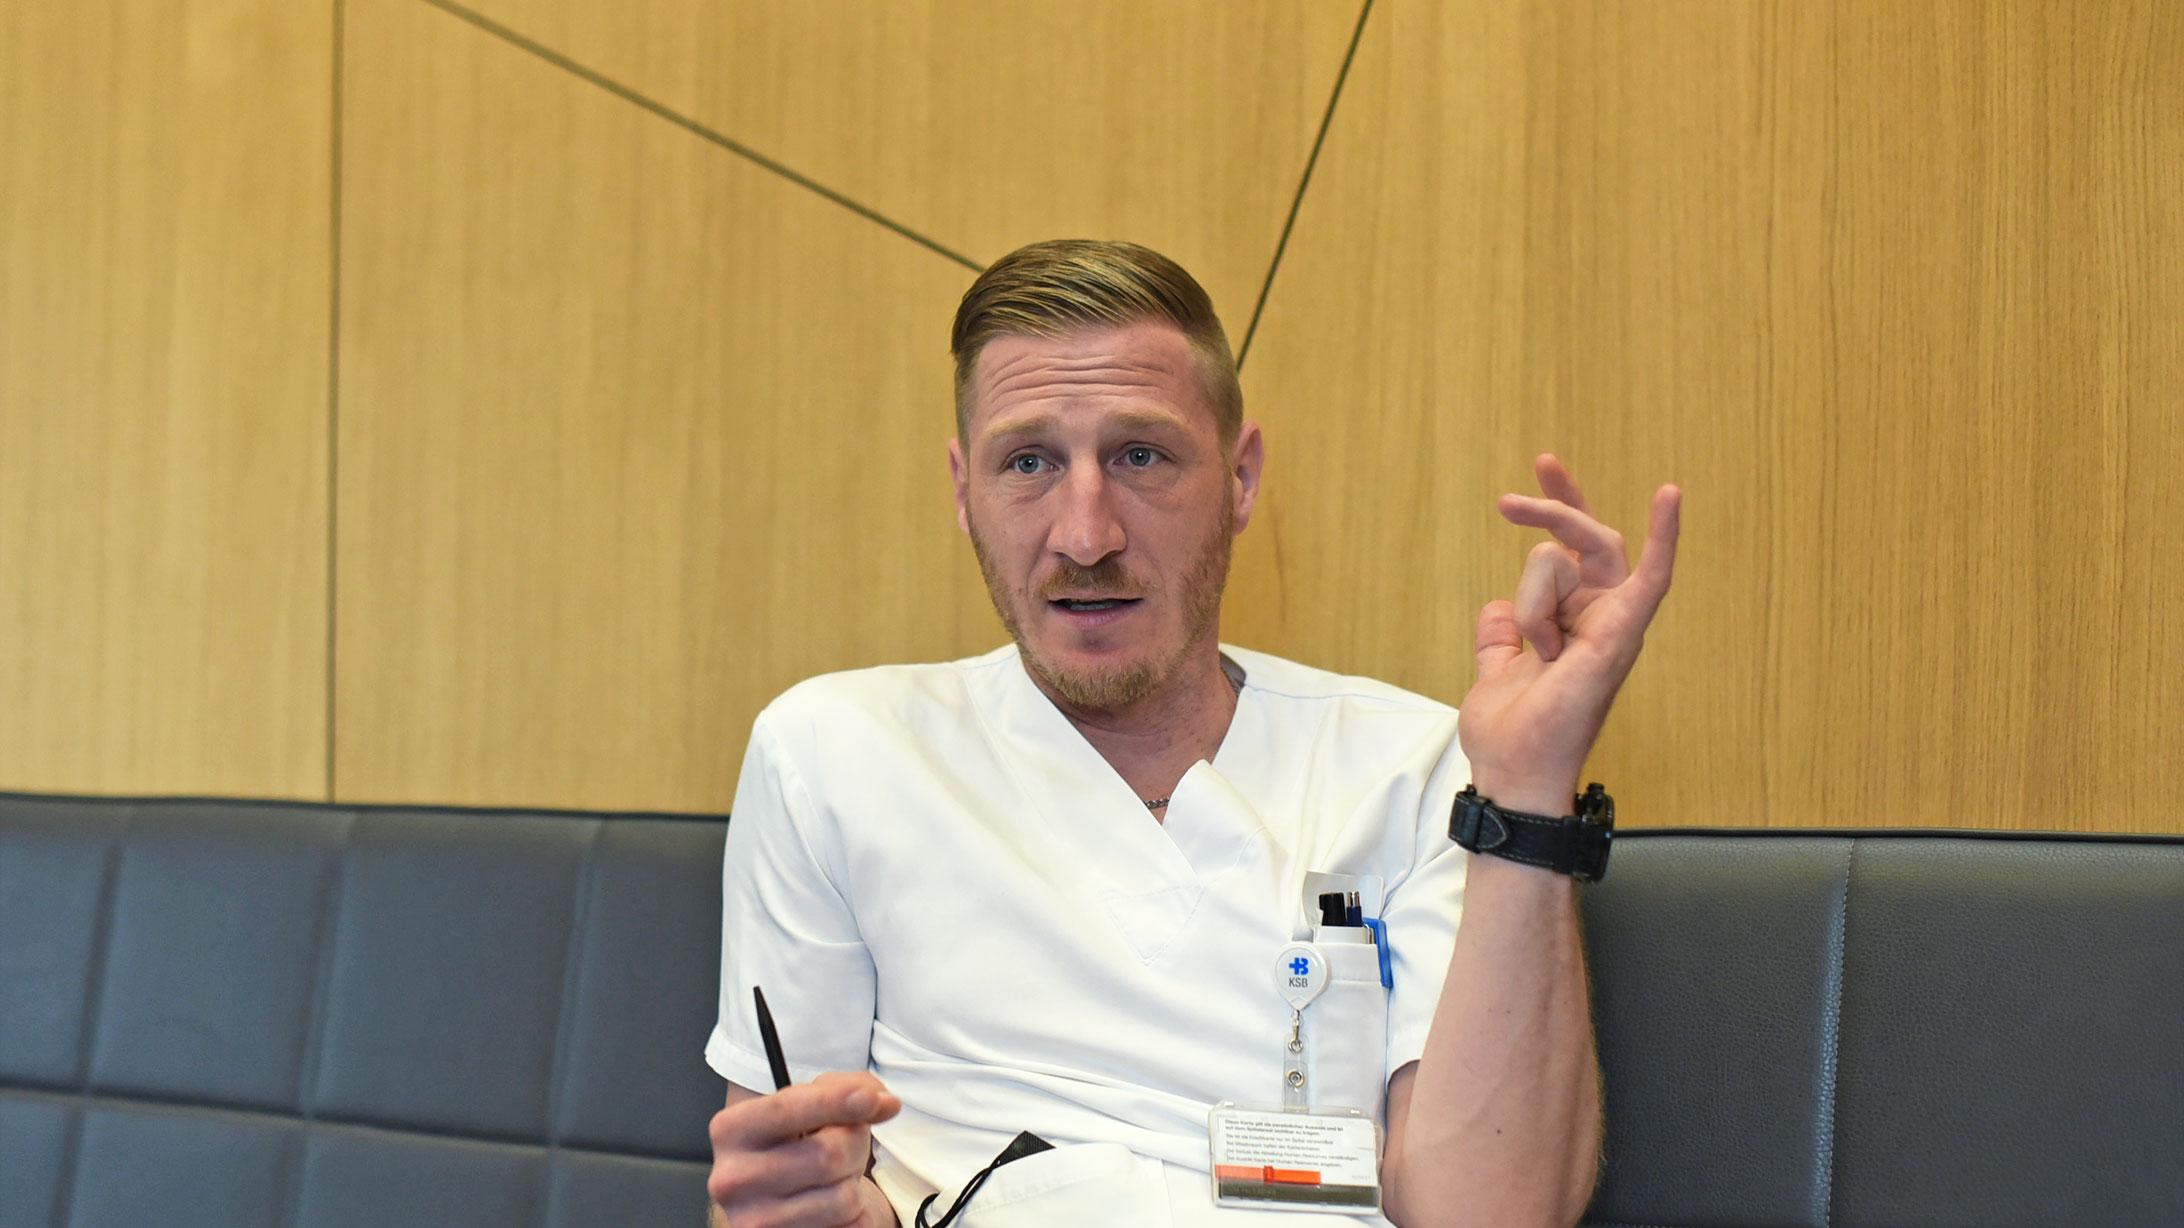 Handchirurg Patrik Schmid demonstriert mit seiner Hand, wie Morbus Dupuytren die Beweglichkeit der Finger einschränkt.